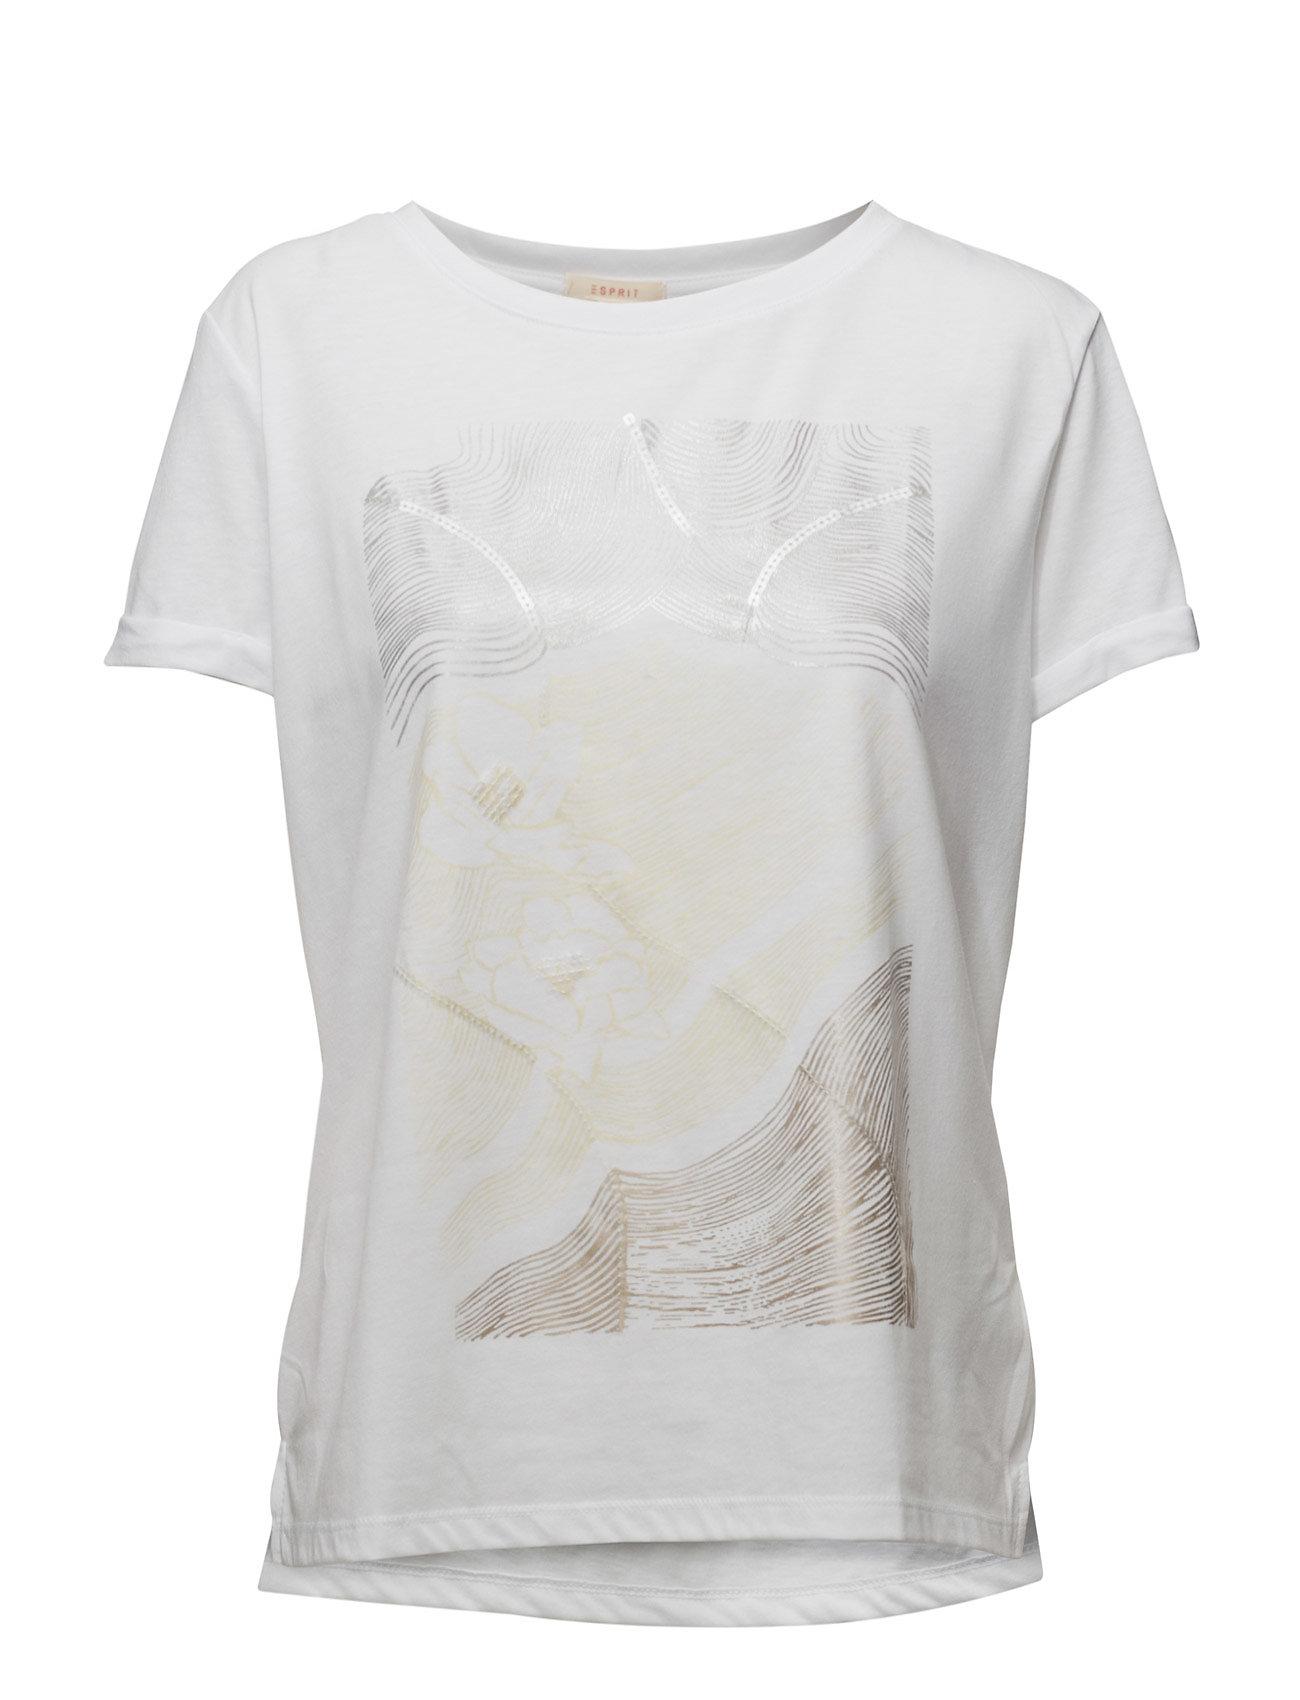 7c64d28f80f T-Shirts Esprit Casual Kortærmede til Damer i hvid   Unfairfashion.dk